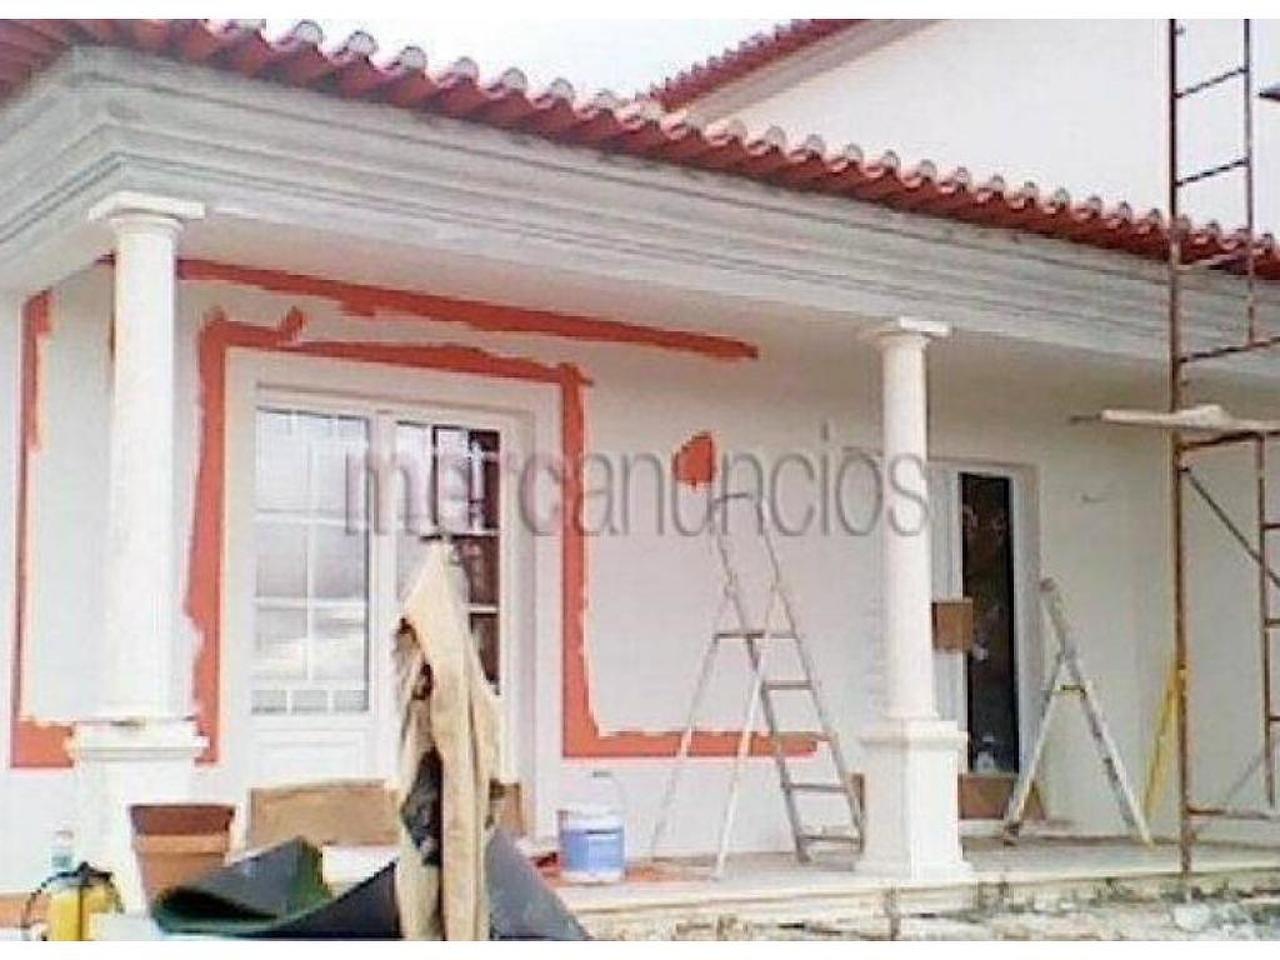 Construção Civil - Trolha Pinturas Tectos Etc, - Porto. - 1/1